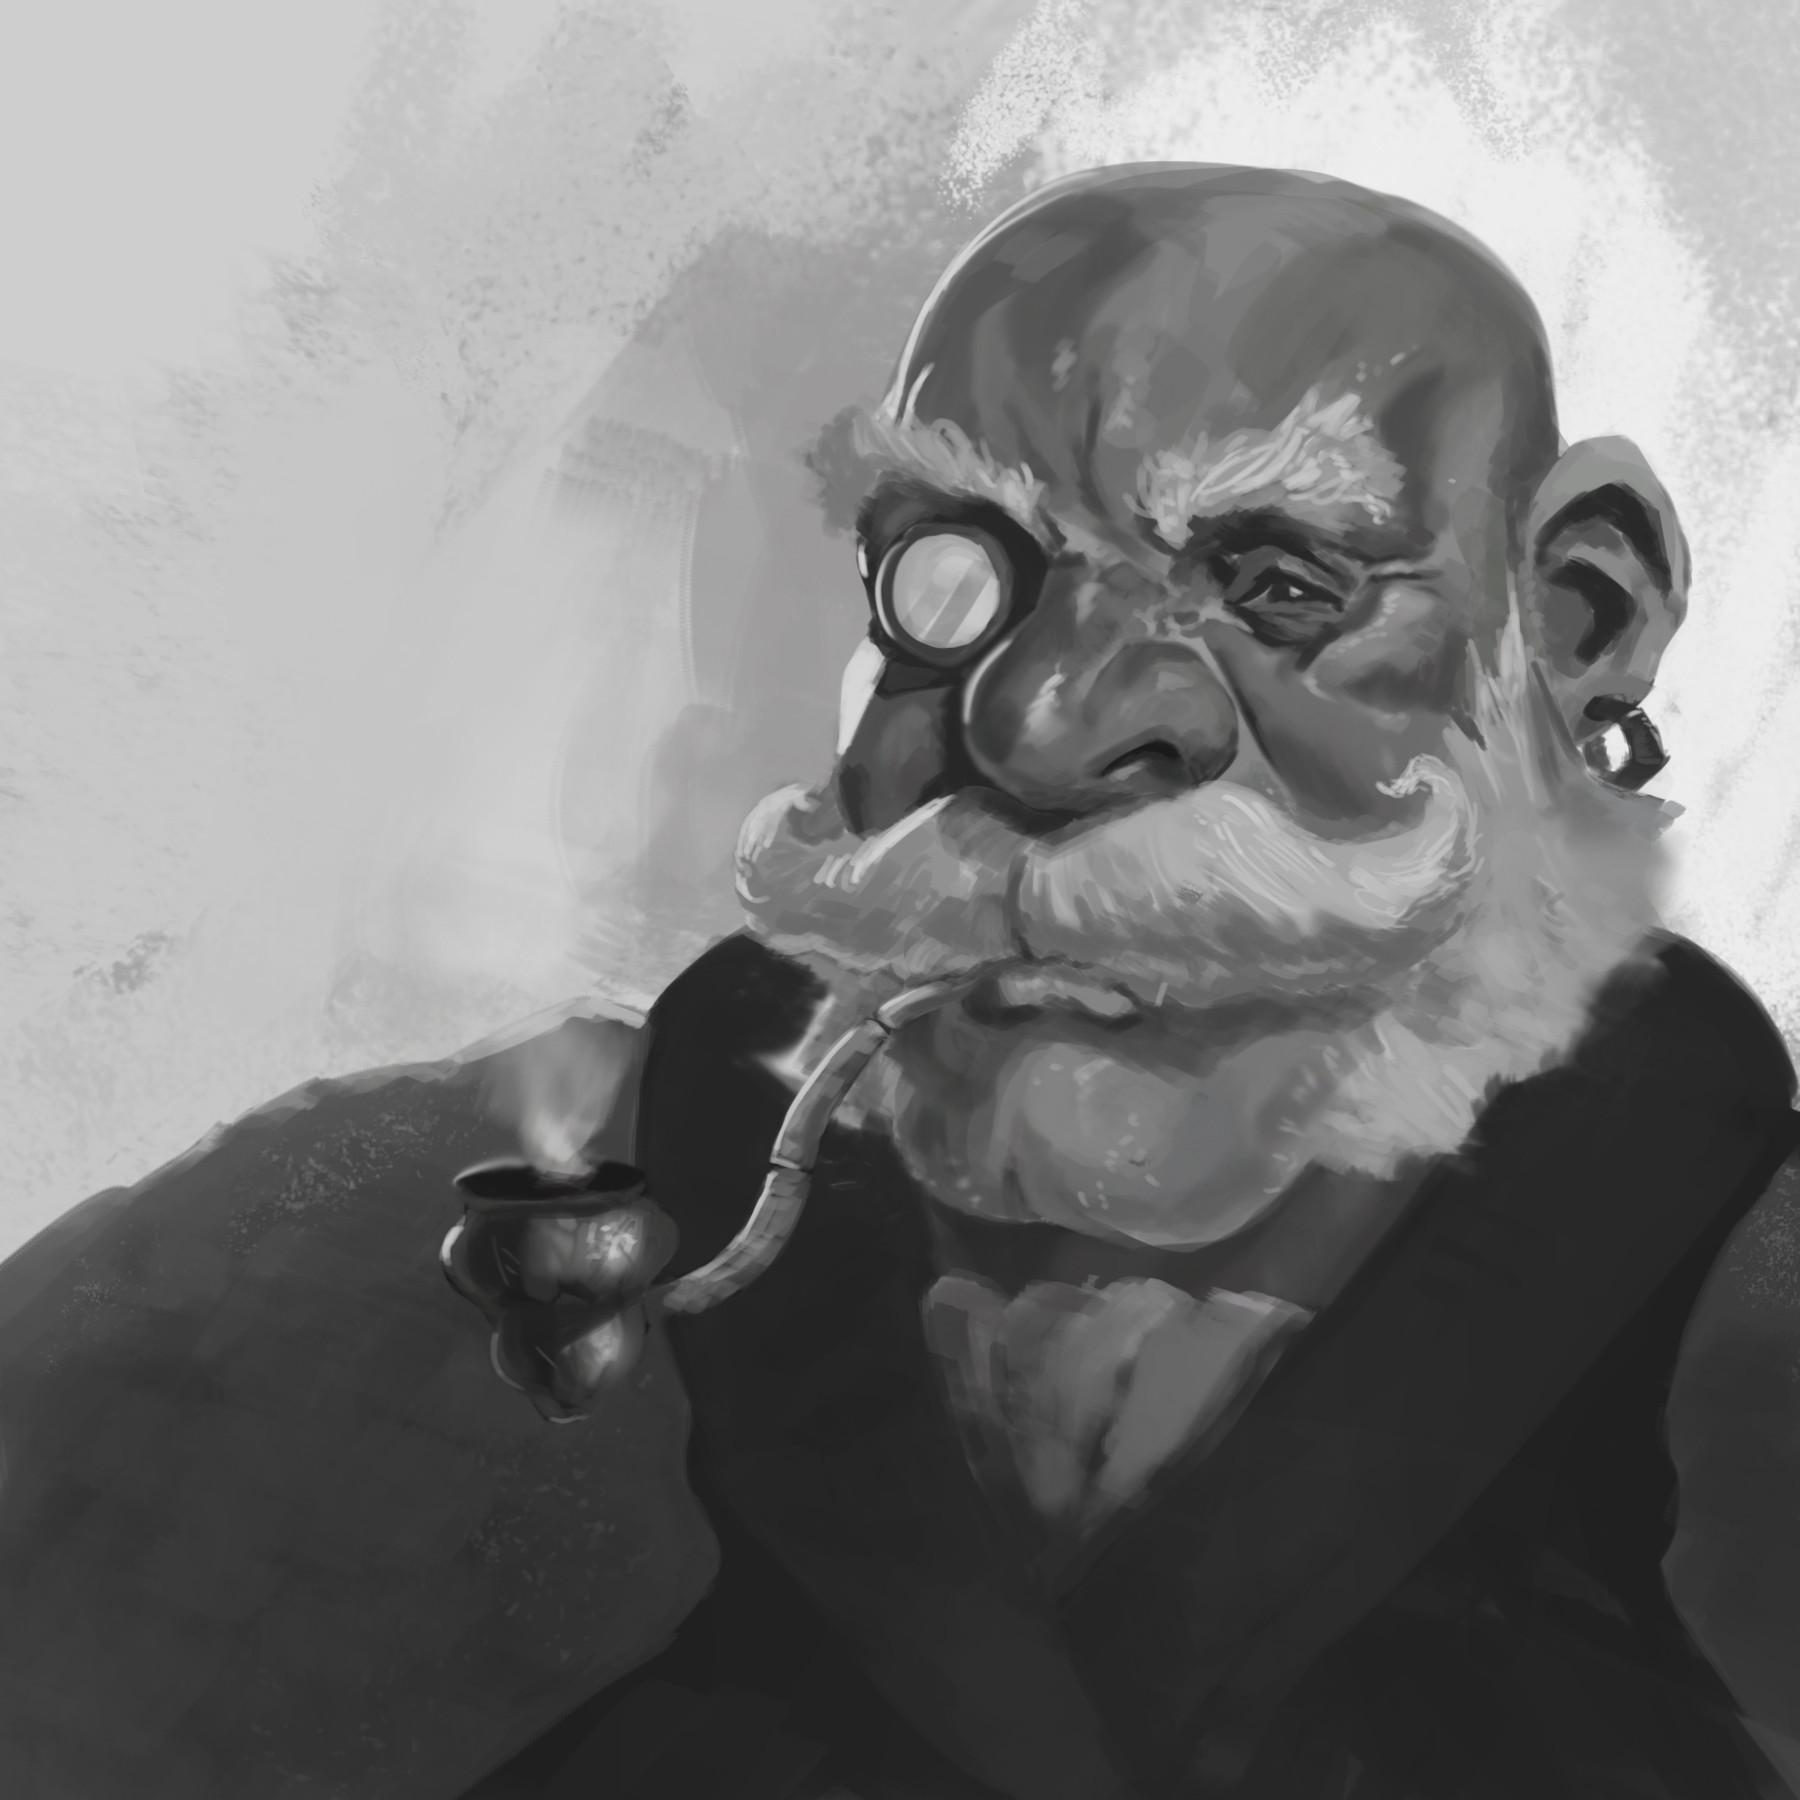 mike-sanchez-theodore-portrait.jpg